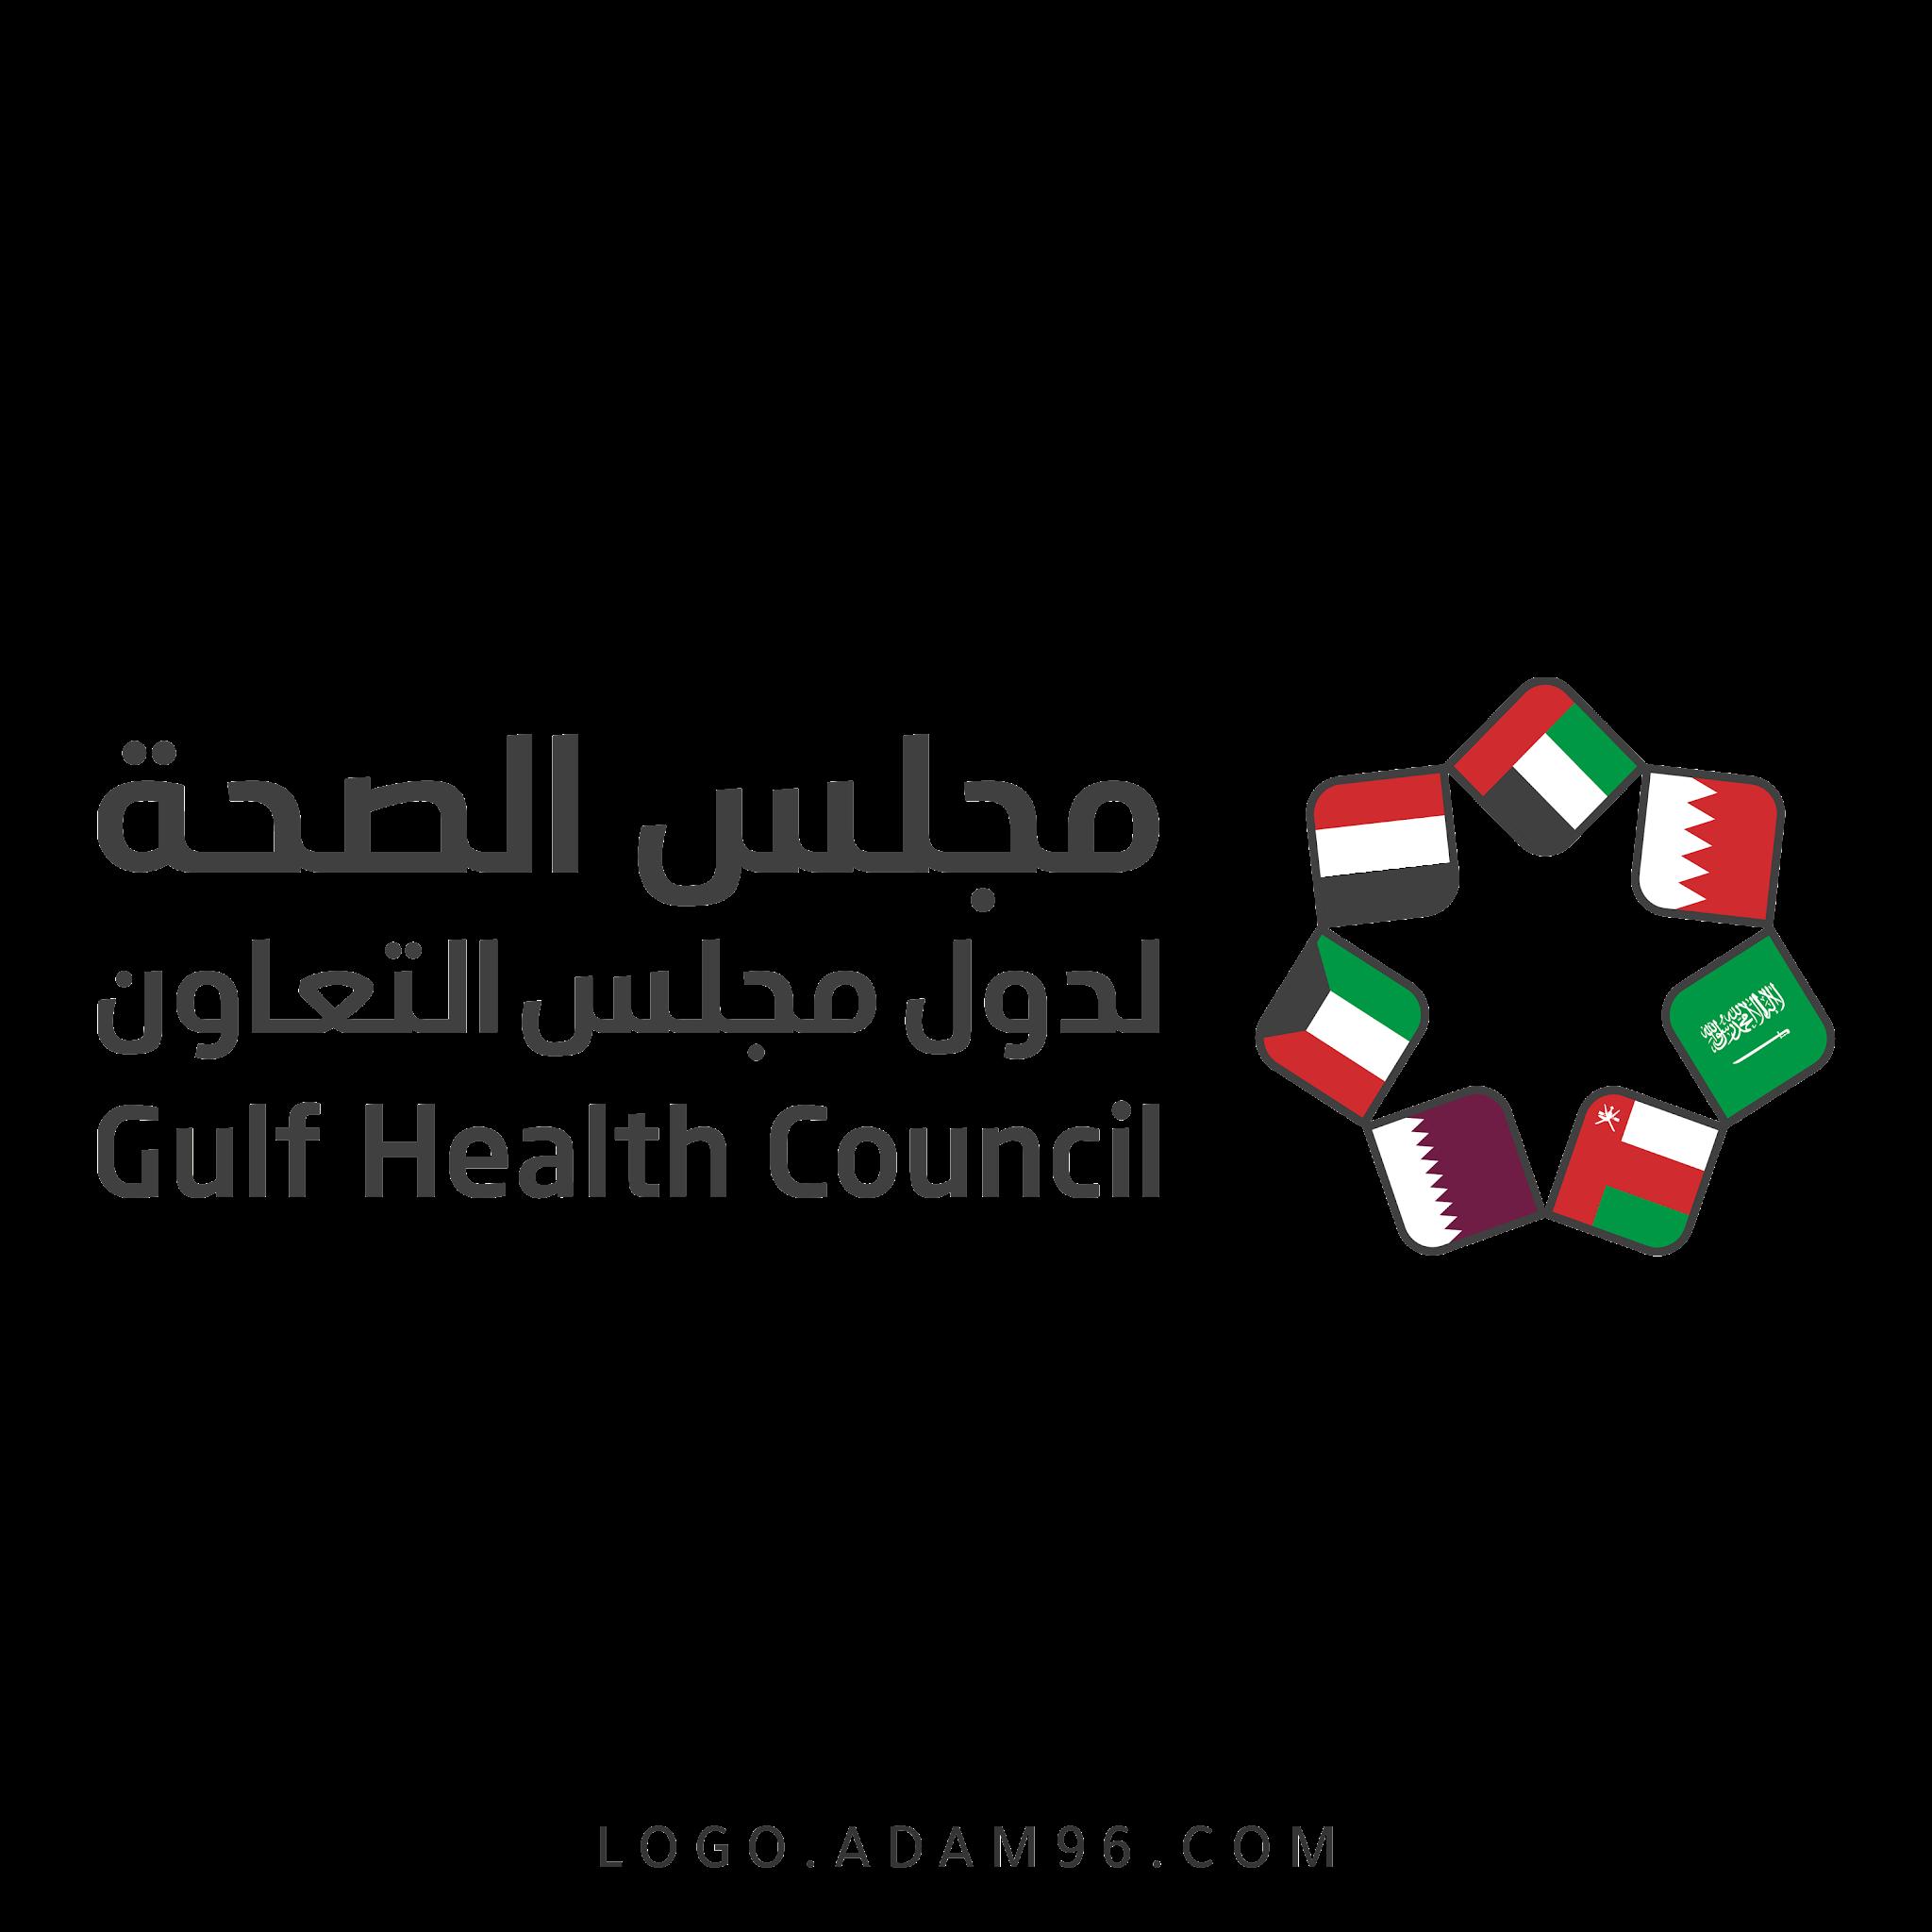 تحميل شعار مجلس الصحة لدول مجلس التعاون دول الخليج لوجو شفاف بصيغة PNG